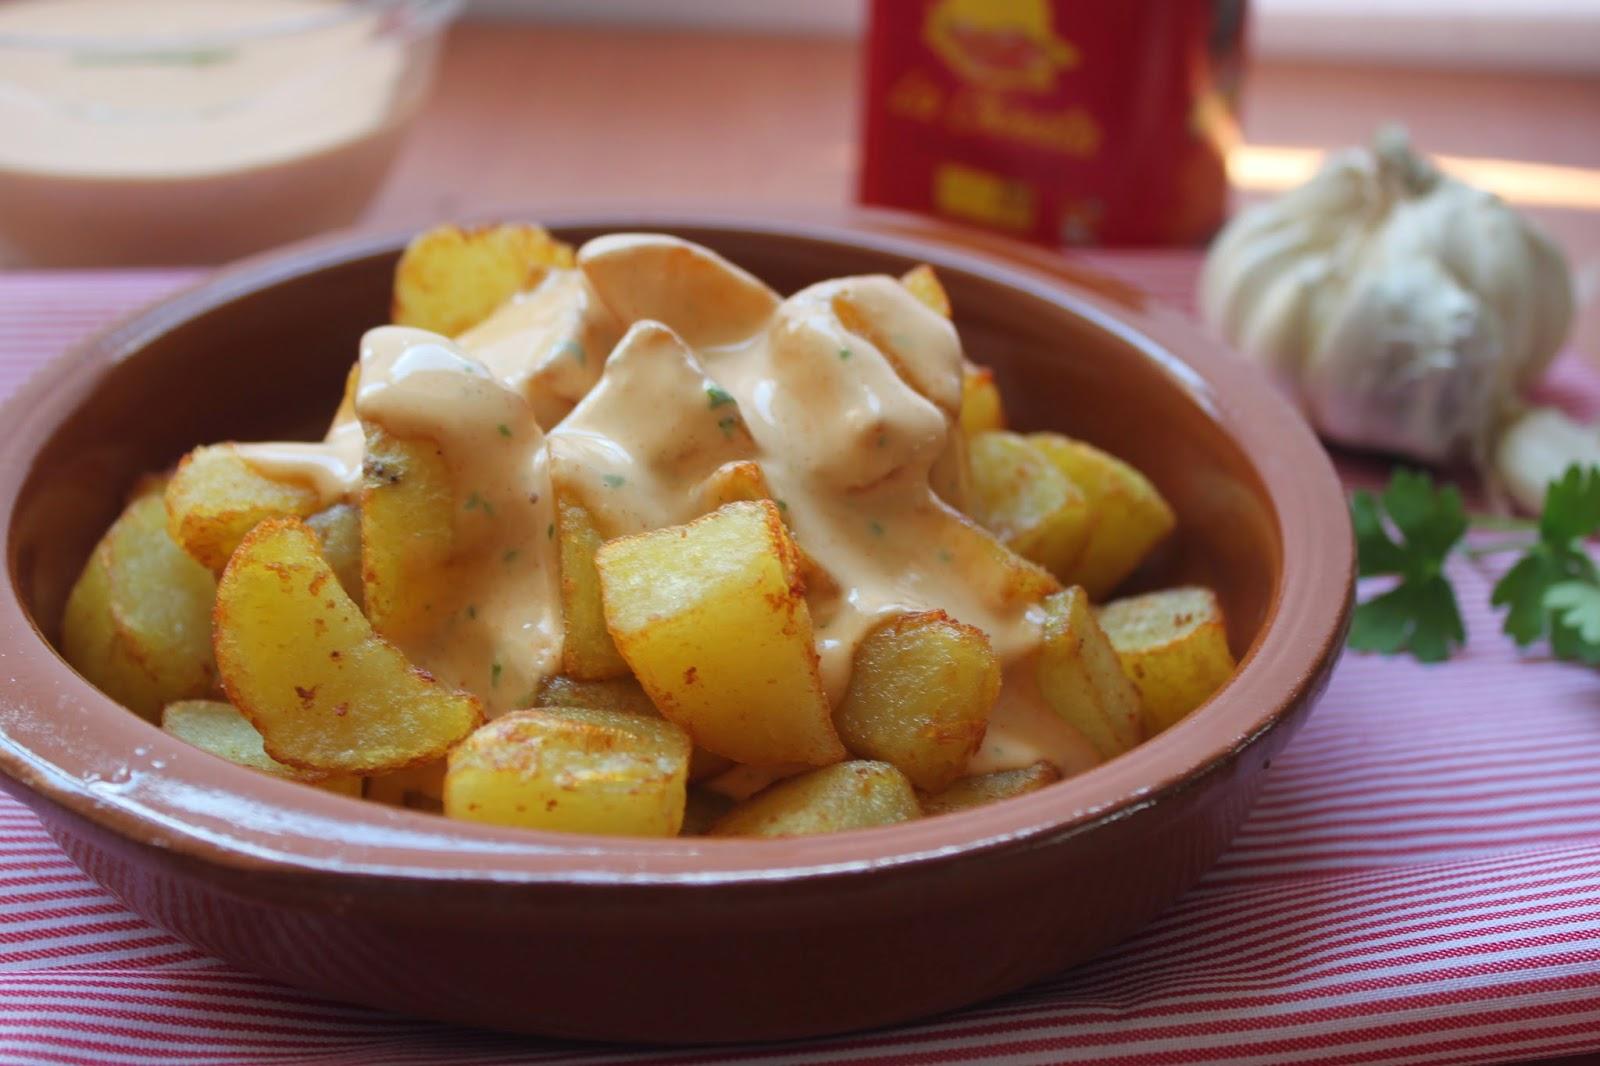 Image Result For Receta Patatas Bravas Mayo